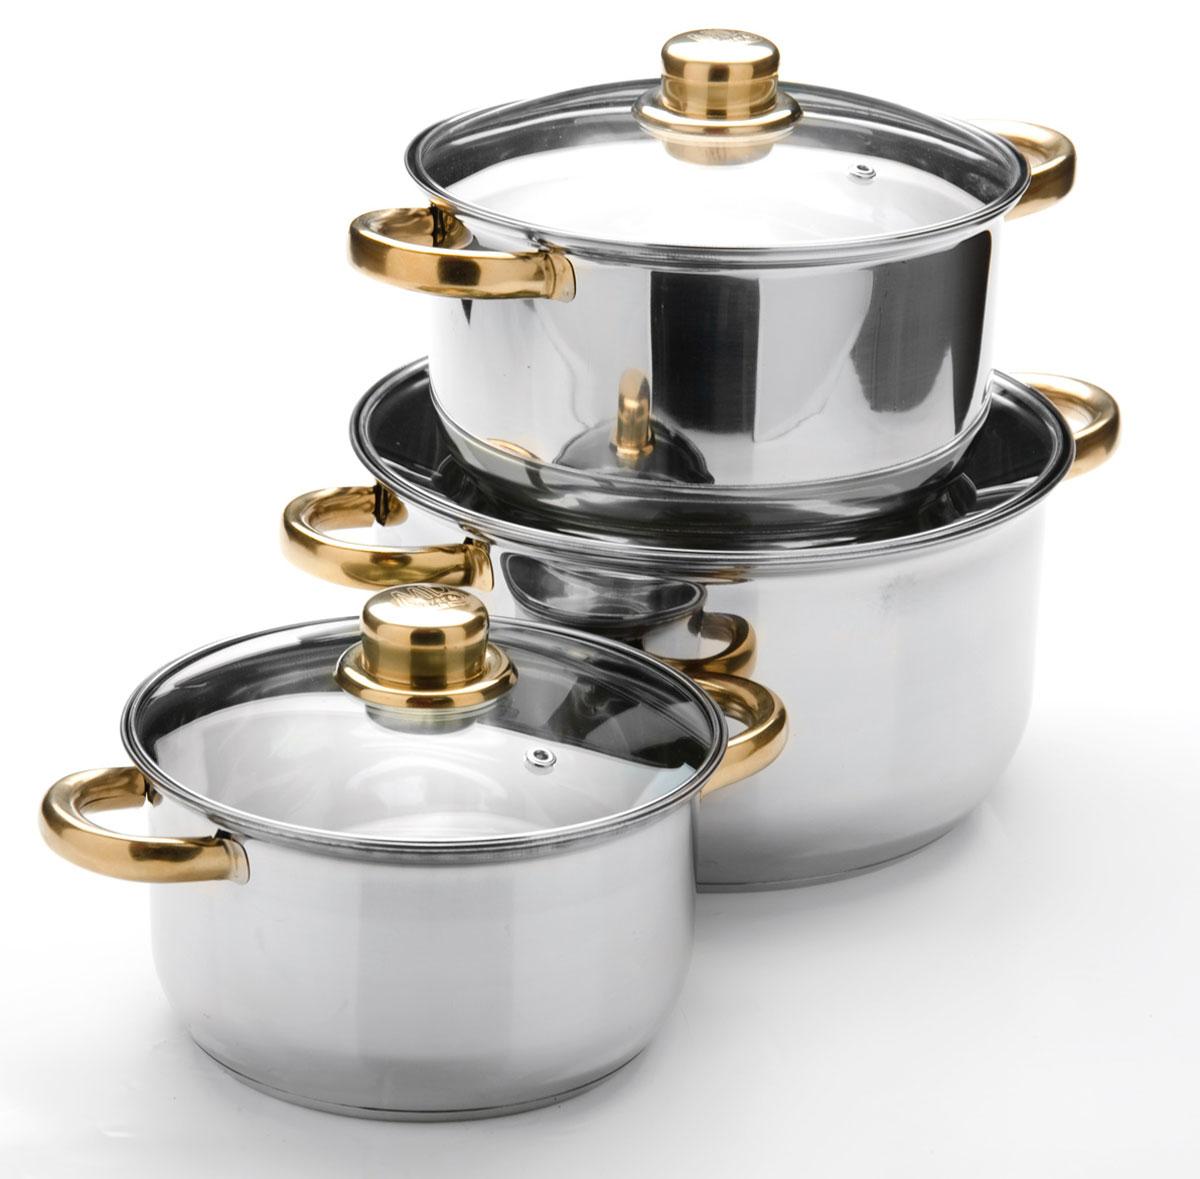 Набор посуды Mayer & Boch, 6 предметов. 25754391602Набор посуды станет отличным дополнением к набору кухонной утвари. С его приобретением приготовление ваших любимых блюд перейдет на качественно новый уровень и вы сможете воплотить в жизнь любые кулинарные идеи. В комплект входят 6 предметов: 3 кастрюли (объем 2/ 2,9/ 4,9), 3 крышки. Набор многофункционален и удобен в использовании, подойдет для варки супов, приготовления блюд из мяса и рыбы, гарниров, соусов т. д.